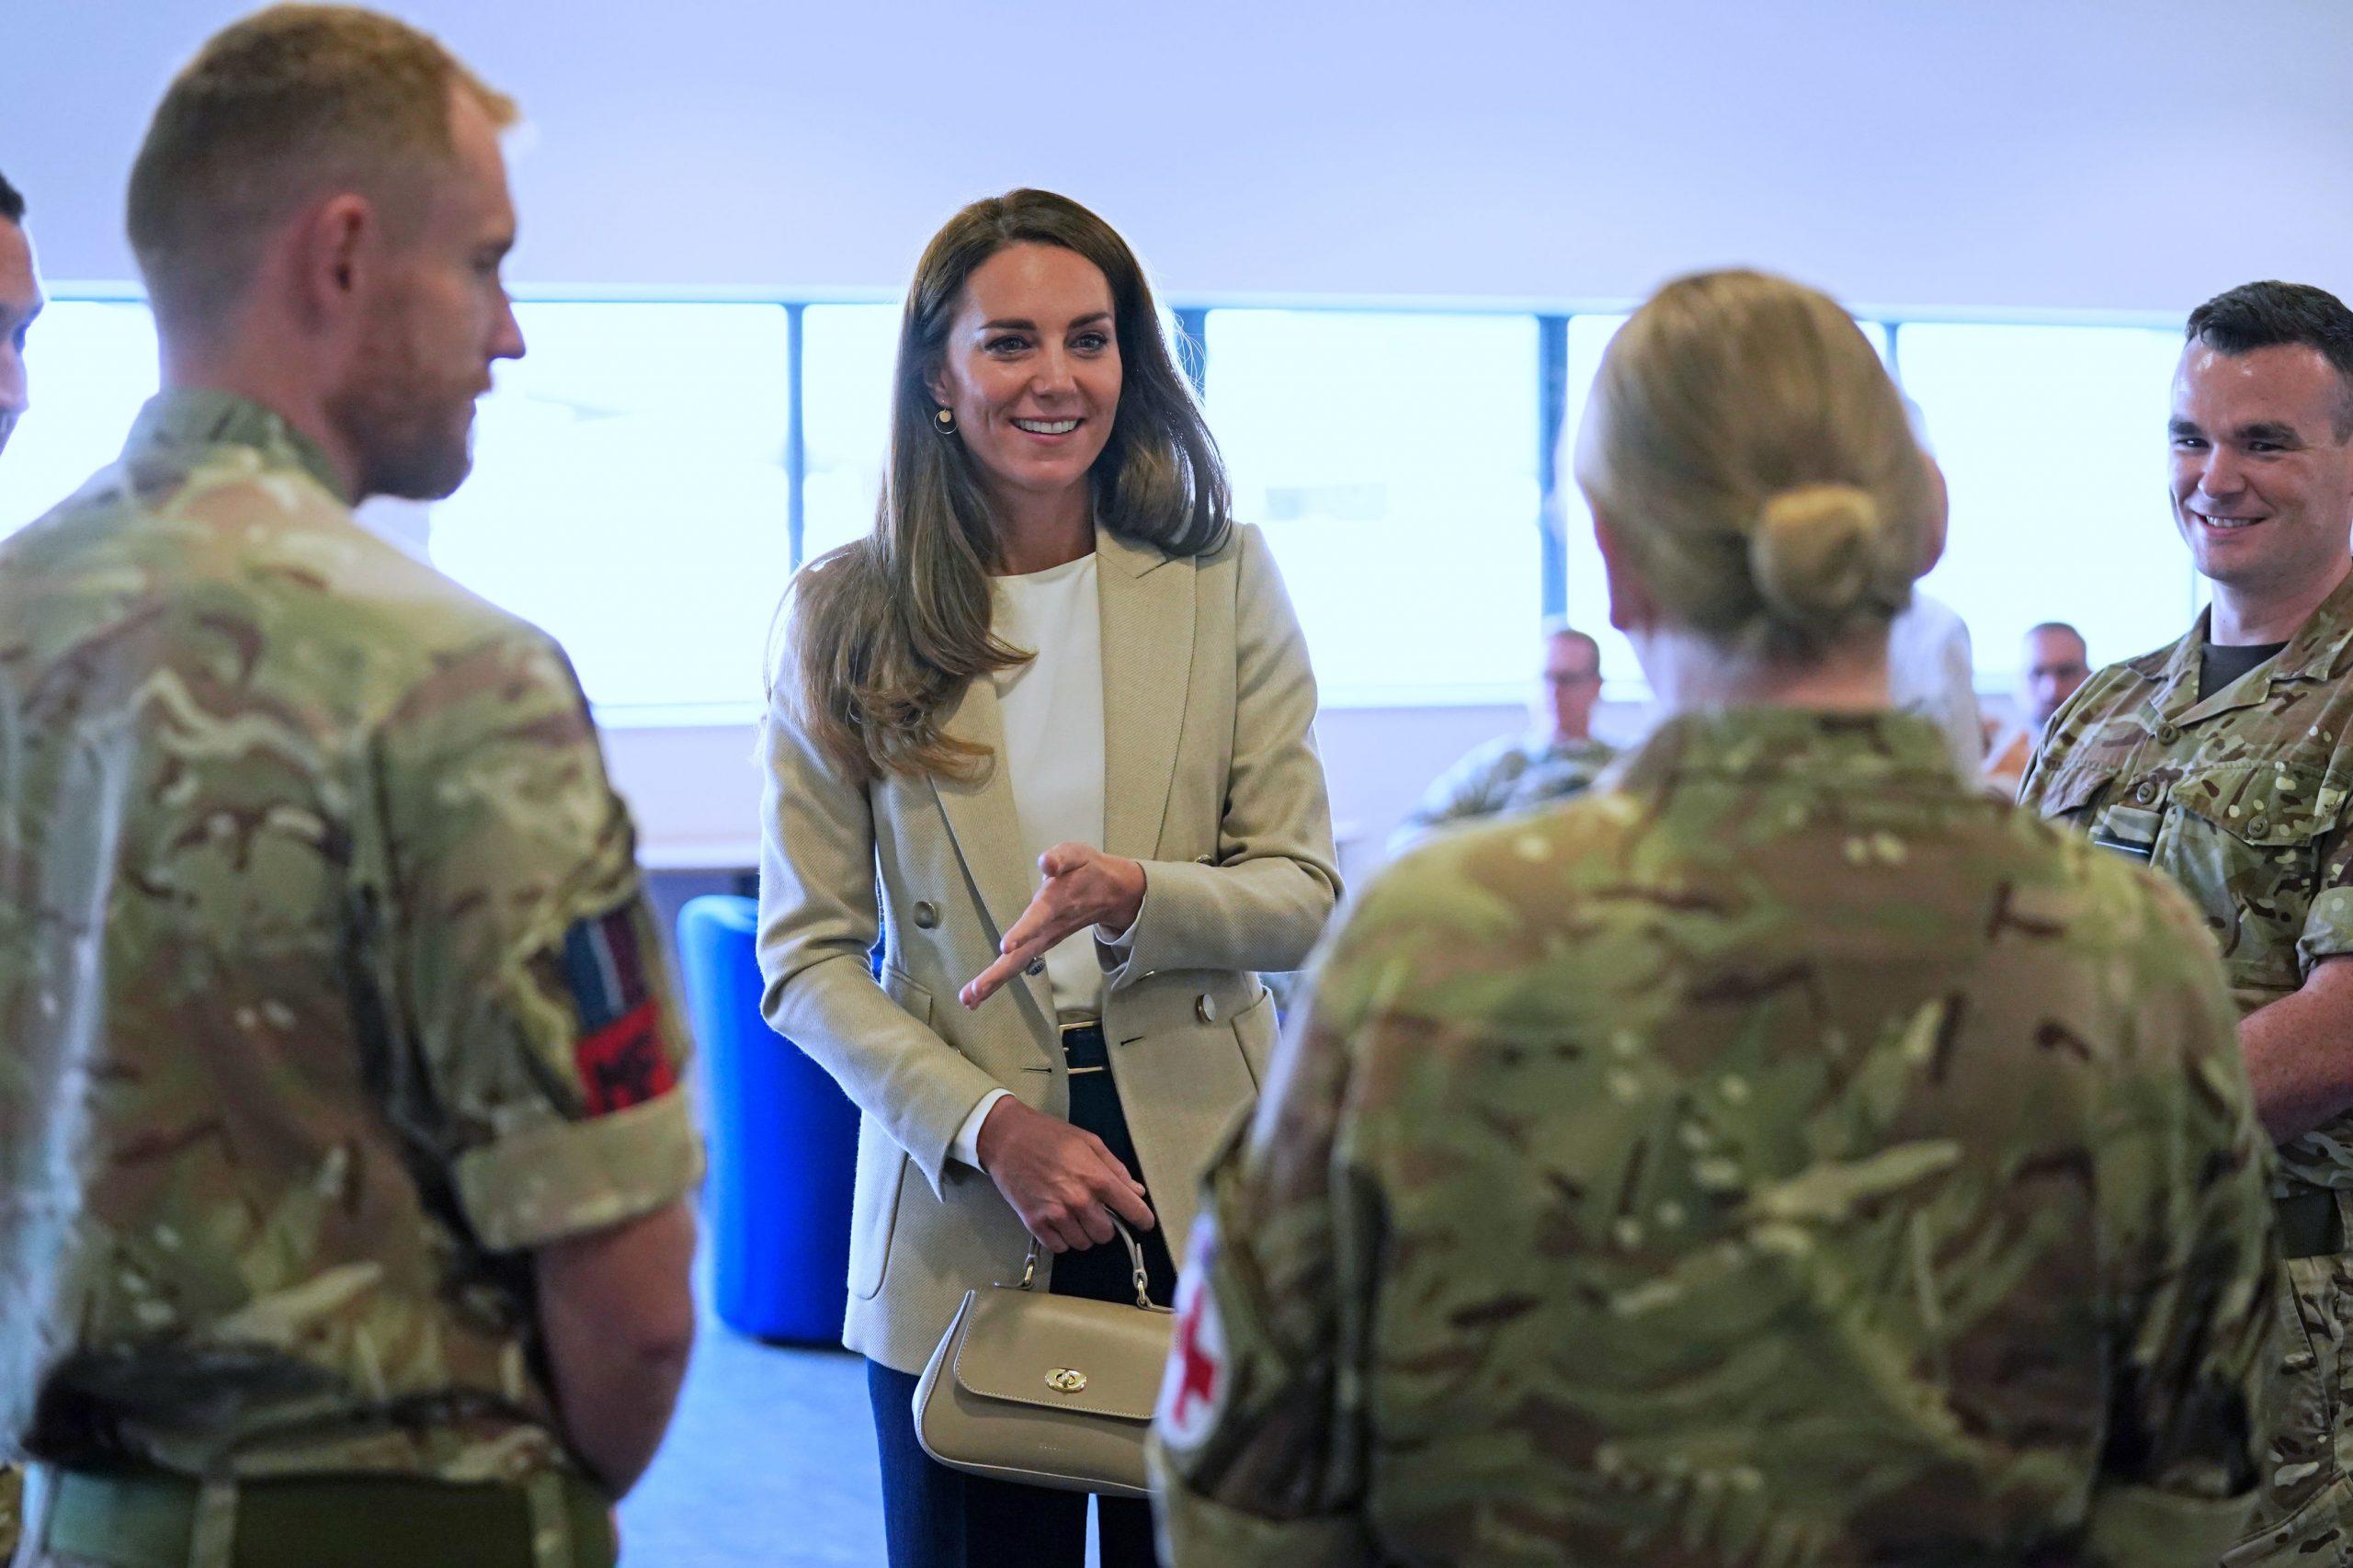 Tenue de Kate Middleton à BRIZE NORTON, ANGLETERRE - 15 SEPTEMBRE : Catherine, duchesse de Cambridge, arrive pour rencontrer ceux qui ont soutenu l'évacuation des civils britanniques d'Afghanistan, à la RAF Brize Norton le 15 septembre 2021 à Brize Norton, Angleterre. L'opération PITTING, la plus grande opération d'aide humanitaire depuis plus de 70 ans, s'est déroulée du 14 au 28 août, où plus de 15 000 personnes ont été évacuées de Kaboul par la Royal Air Force. (Photo par Chris Jackson/Getty Images)